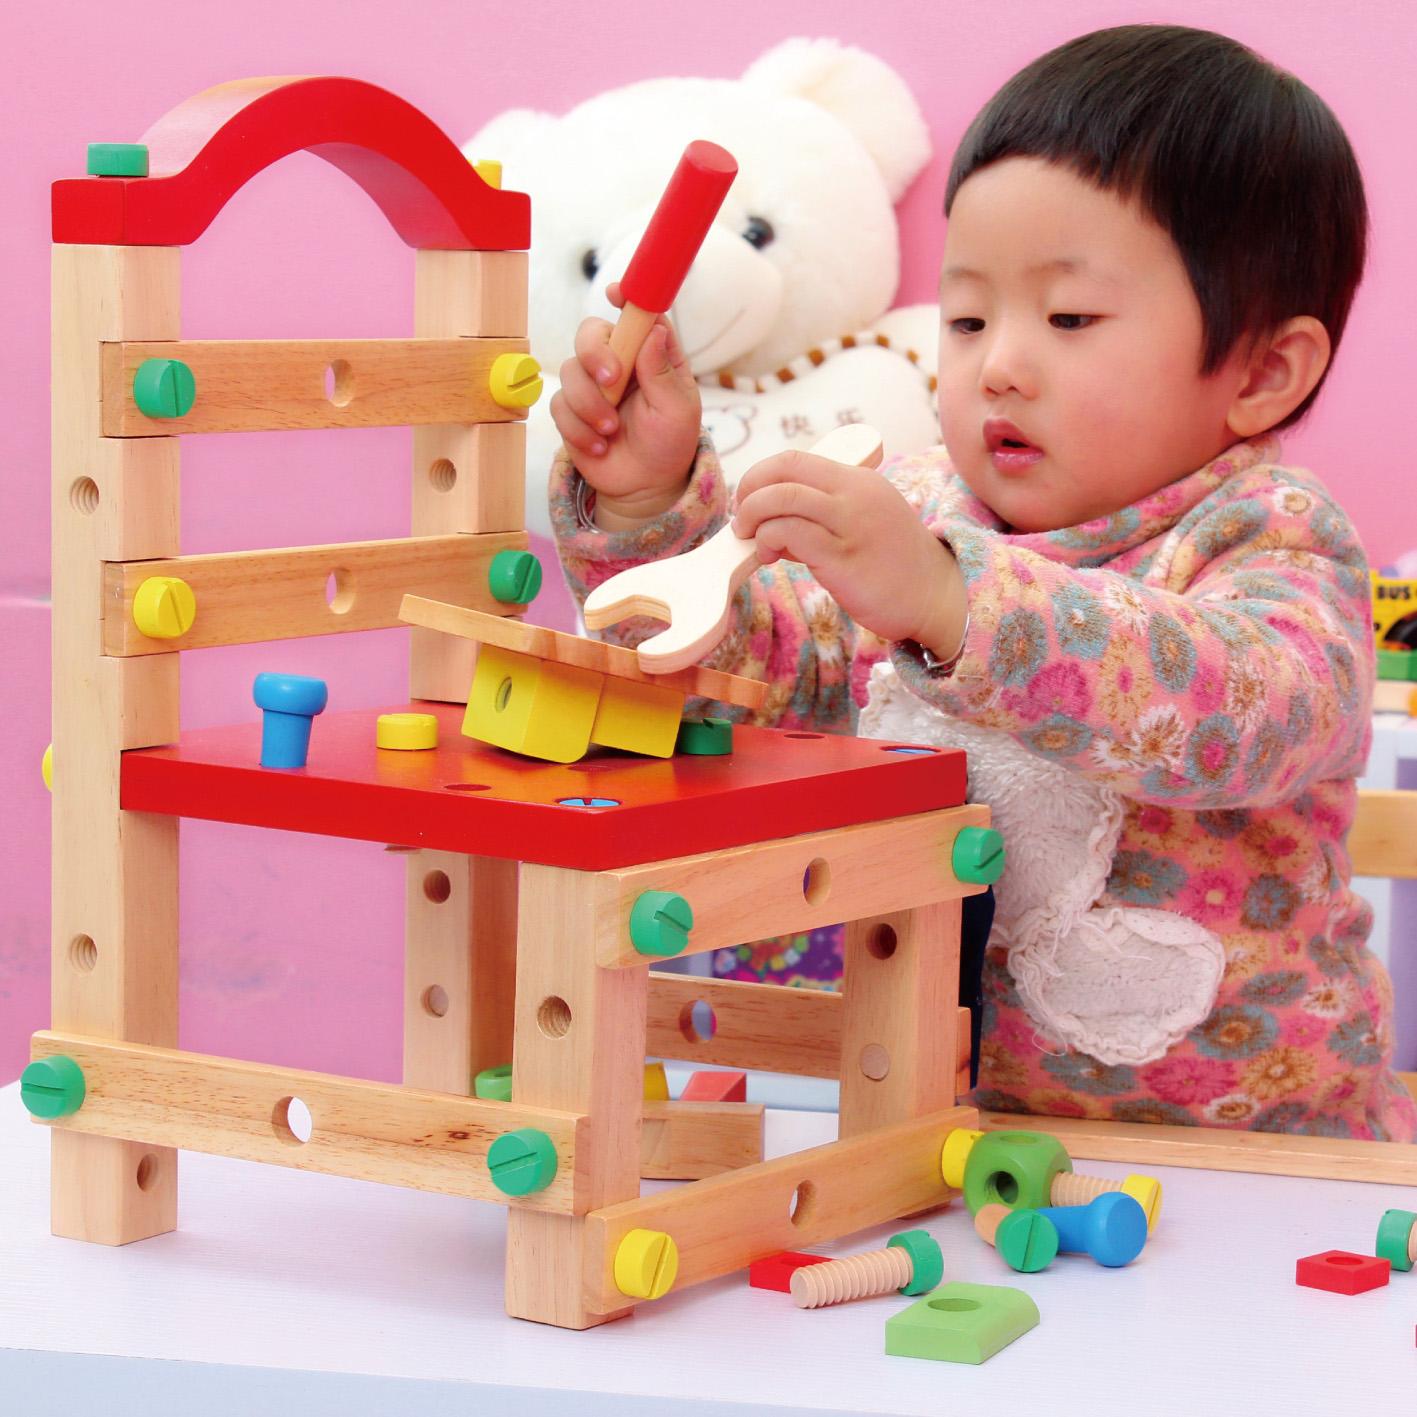 儿童早教木制拆装多功能工具台创意工作椅益智积木螺母玩具鲁班椅